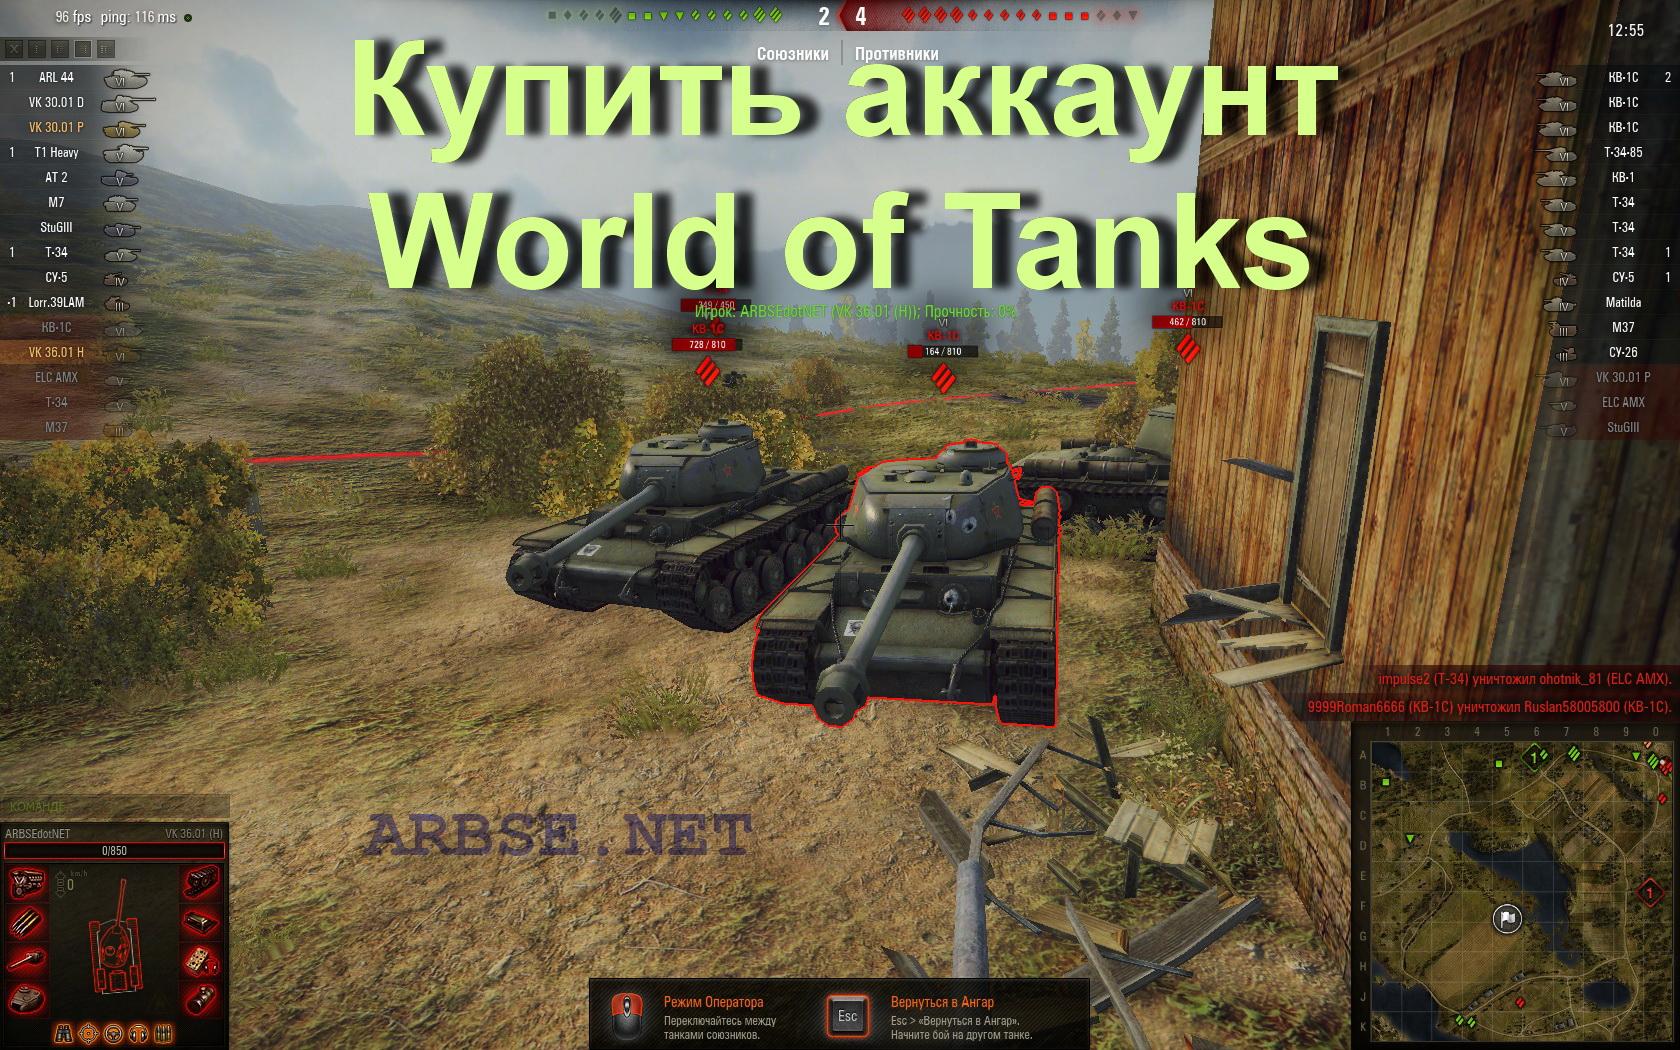 Как сделать новый аккаунт в танках world of tanks